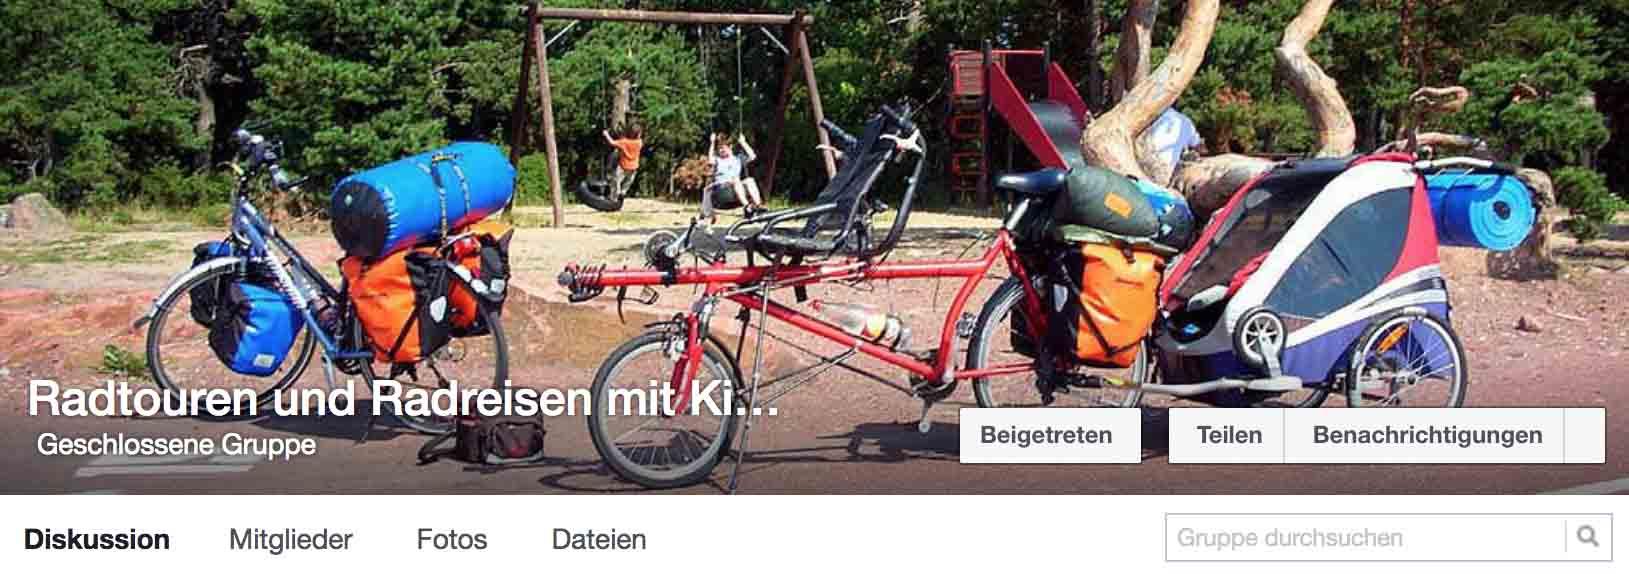 radreise mit kinder fahrrad und zelt. Wir auch! Begleite uns und unsere 3 Kinder auf unseren Reisen mit Fahrrad und Zelt. 8 Monate Süd-Ost Europa